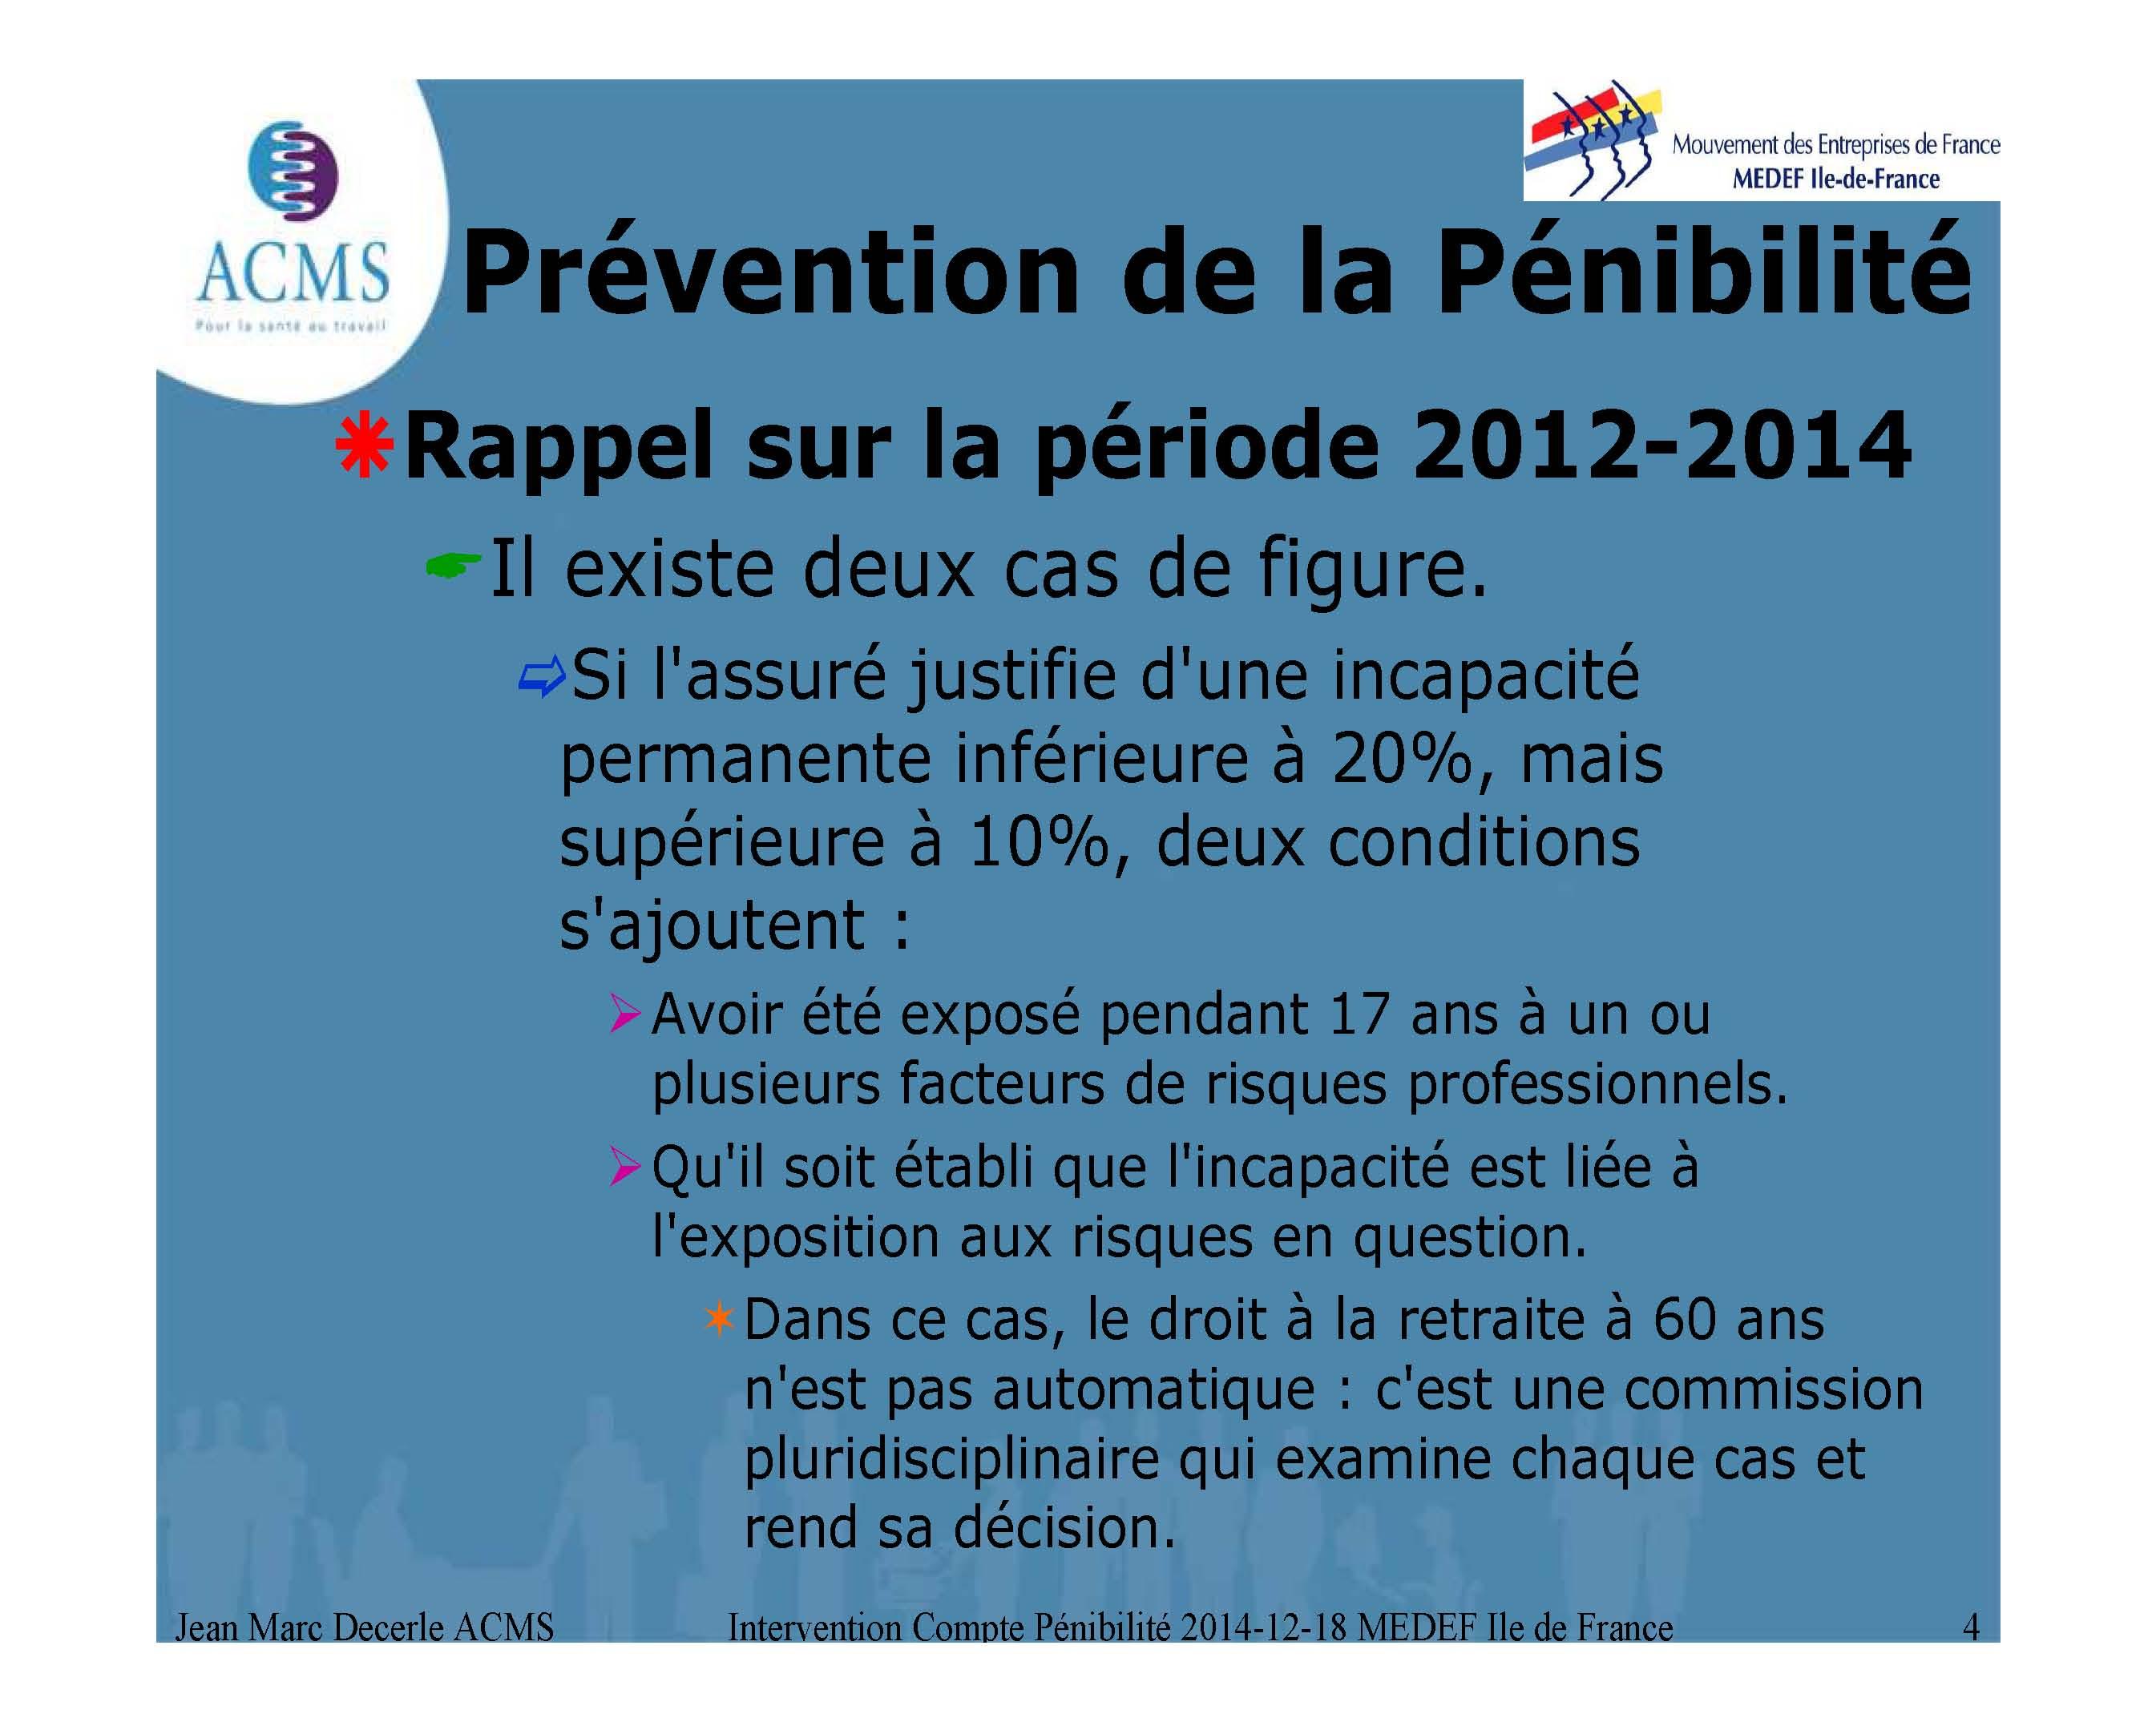 2014-12-18 Compte Pénibilite MEDEF Ile de France_Page_04